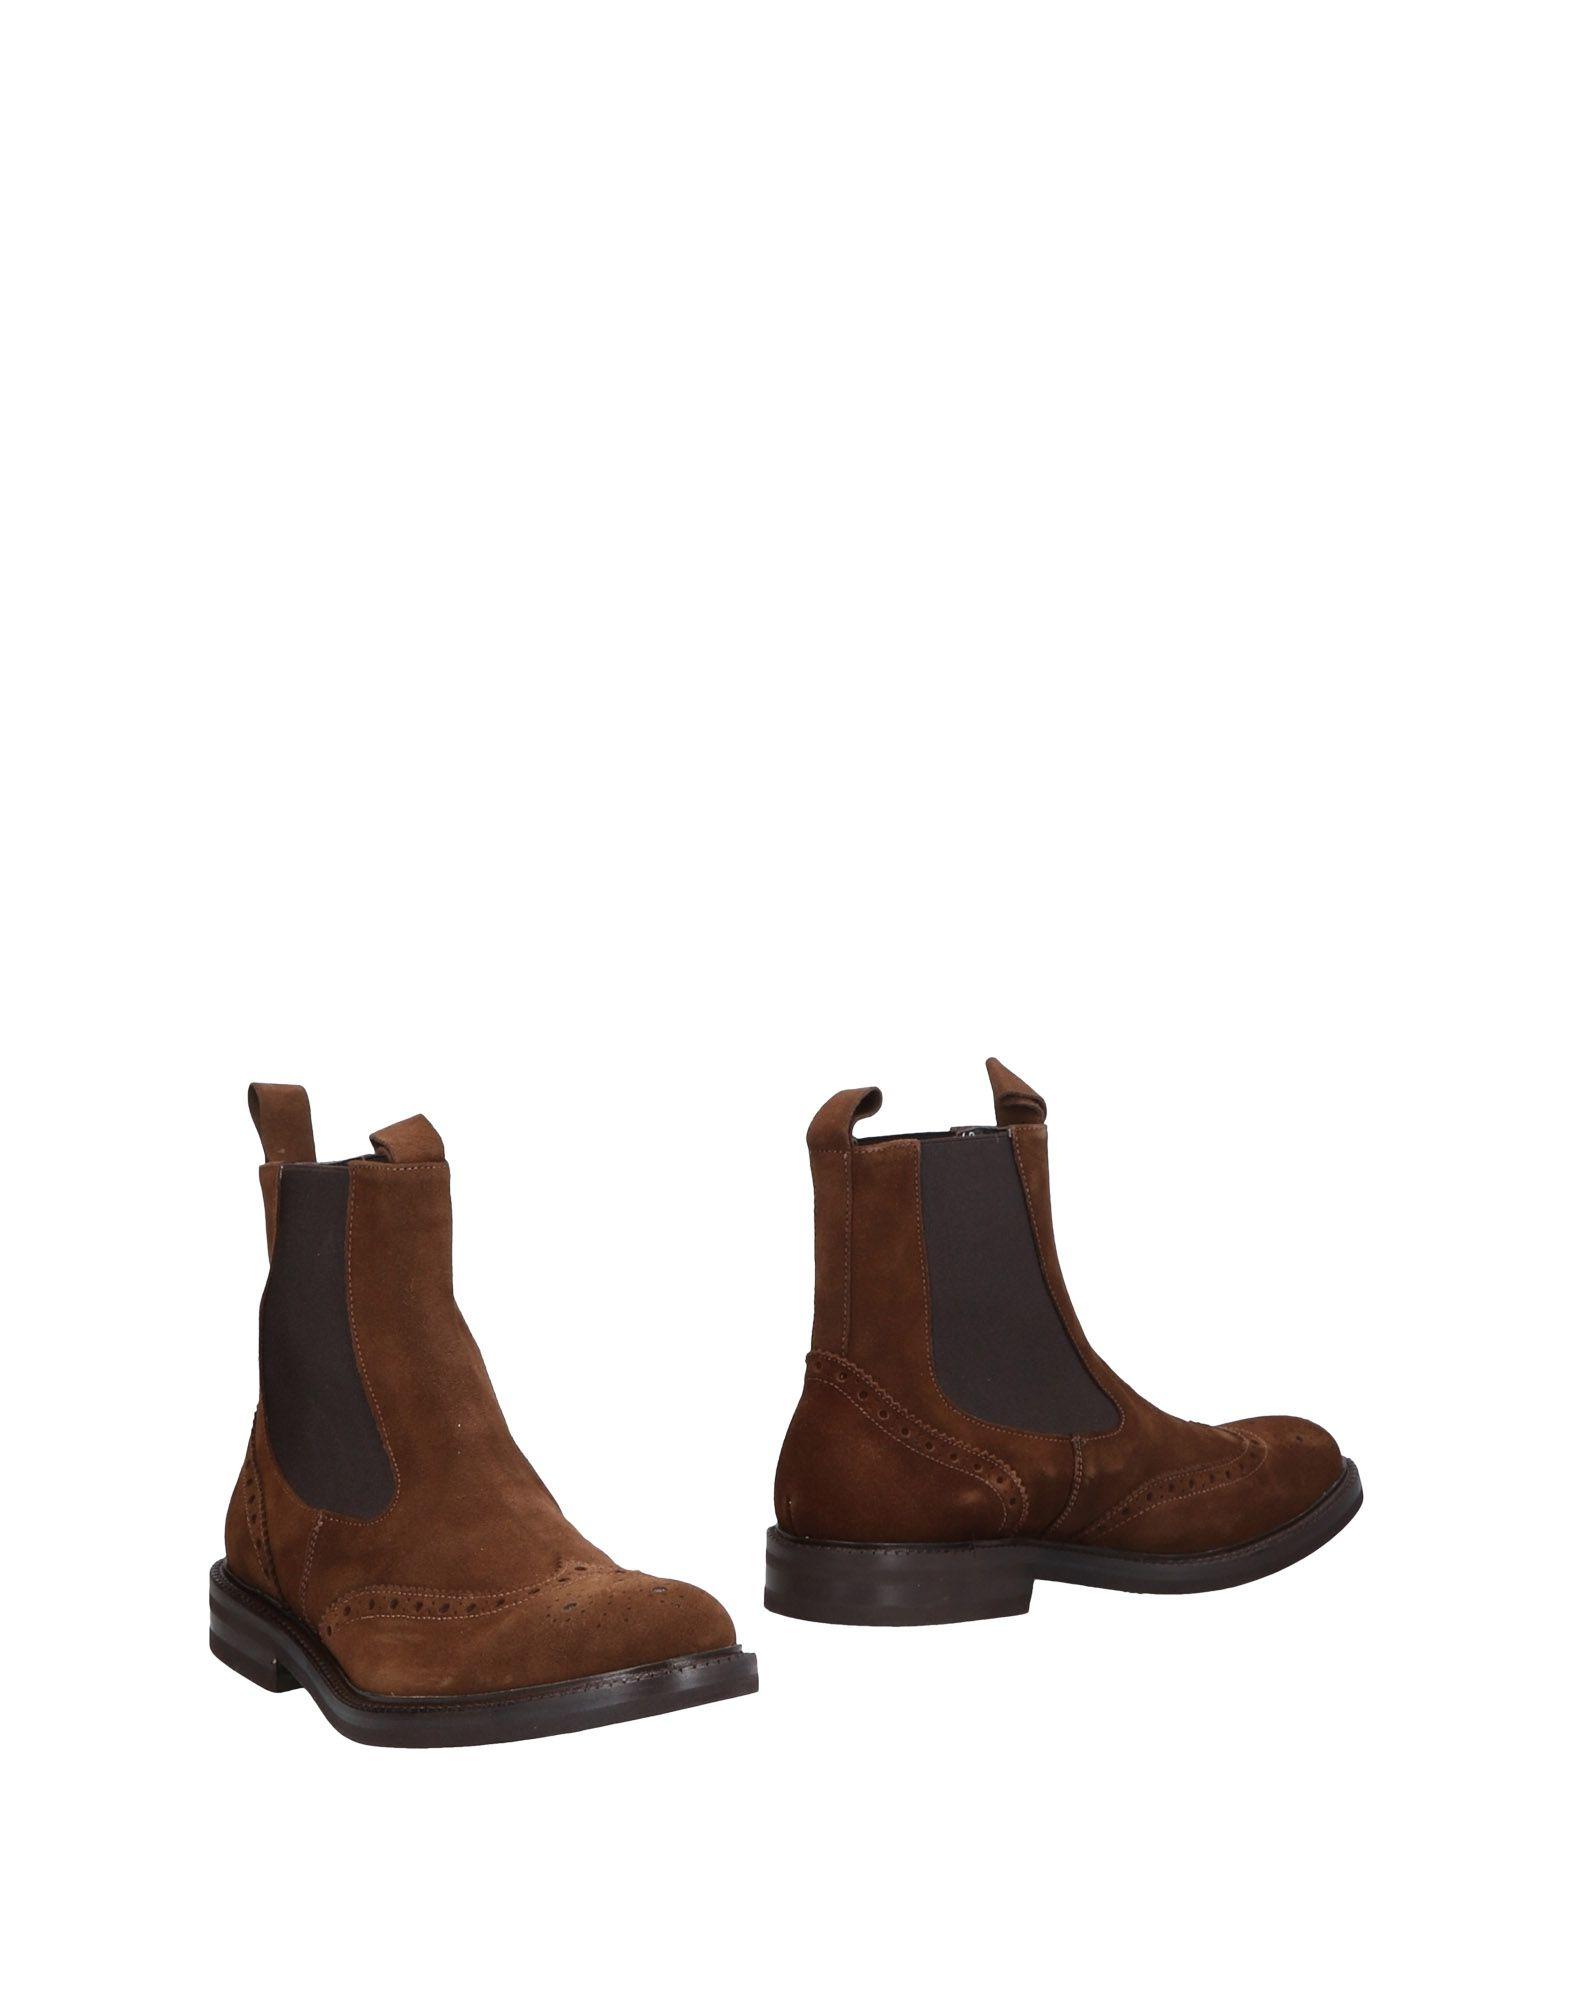 Calzoleria Napoletana  1921 Boots - Men Calzoleria Napoletana on  1921 Boots online on Napoletana  Australia - 11459036NL e1738f